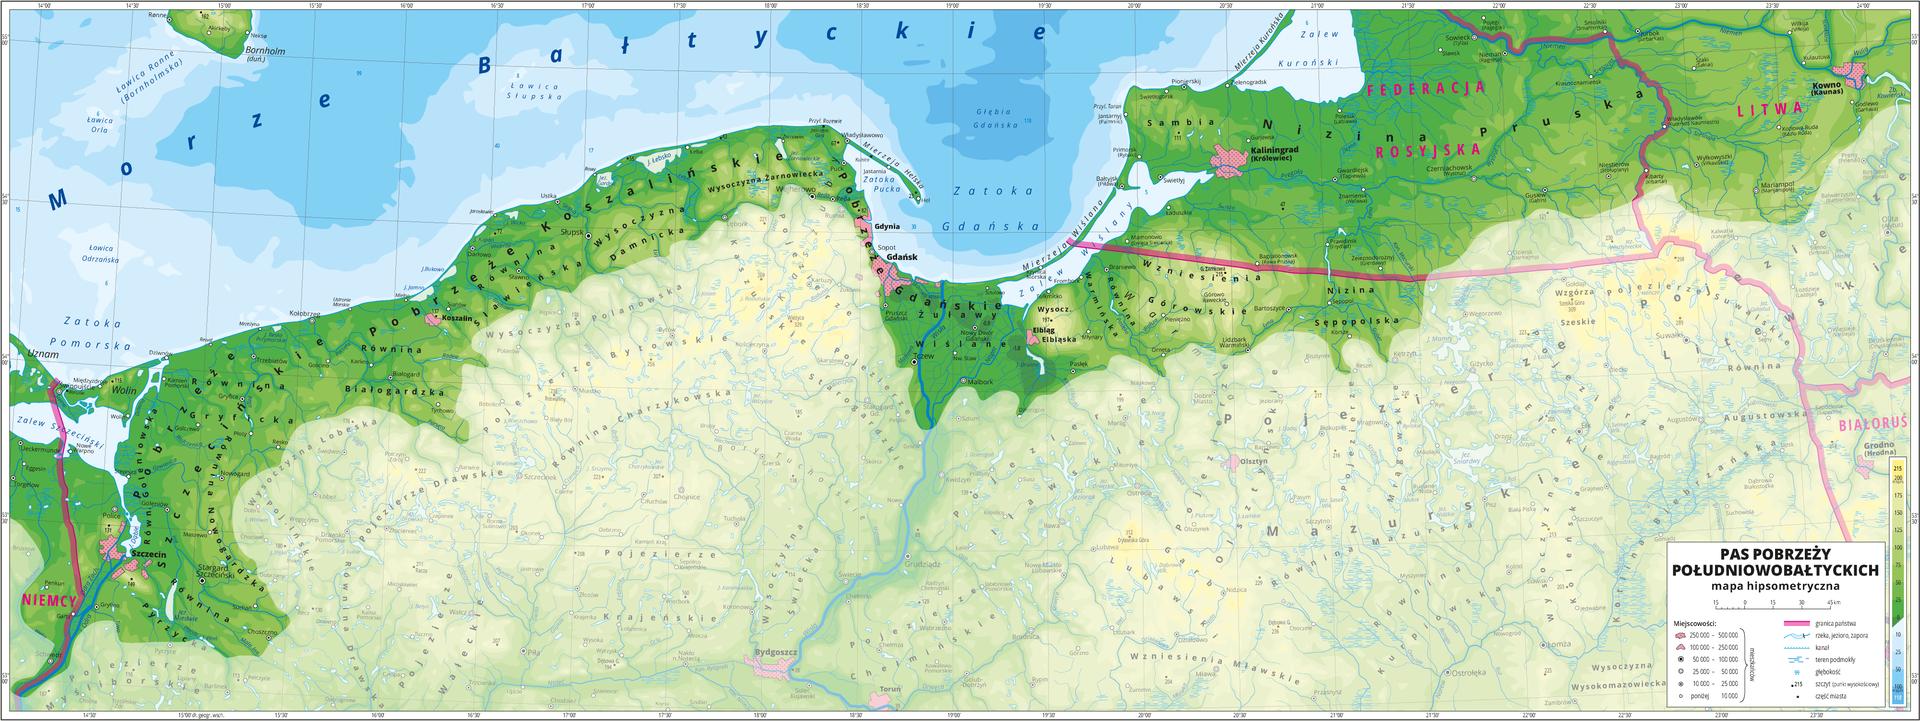 Ilustracja przedstawia mapę hipsometryczną Pobrzeży Południowobałtyckich na terenie Niemiec, Polski iFederacji Rosyjskiej. Treść niedotyczącą pasa pobrzeży została zamglona. Na mapie dominuje kolor zielony oznaczający niziny. Oznaczono iopisano miasta, rzeki, jeziora iszczyty. Opisano pobrzeża ipojezierza, niziny, równiny iwysoczyzny, morze, zatoki iwyspy. Opisano państwa sąsiadujące zPolską. Czerwoną wstążko zaznaczono granice państw. Dookoła mapy wbiałej ramce opisano współrzędne geograficzne co trzydzieści minut. Wlegendzie opisano znaki użyte na mapie.